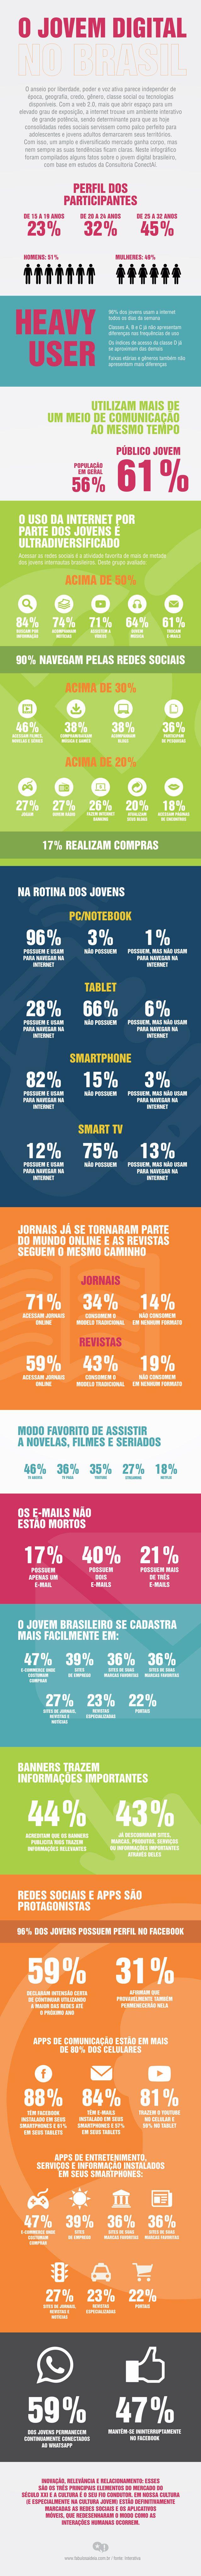 Comportamento digital dos jovens no Brasil